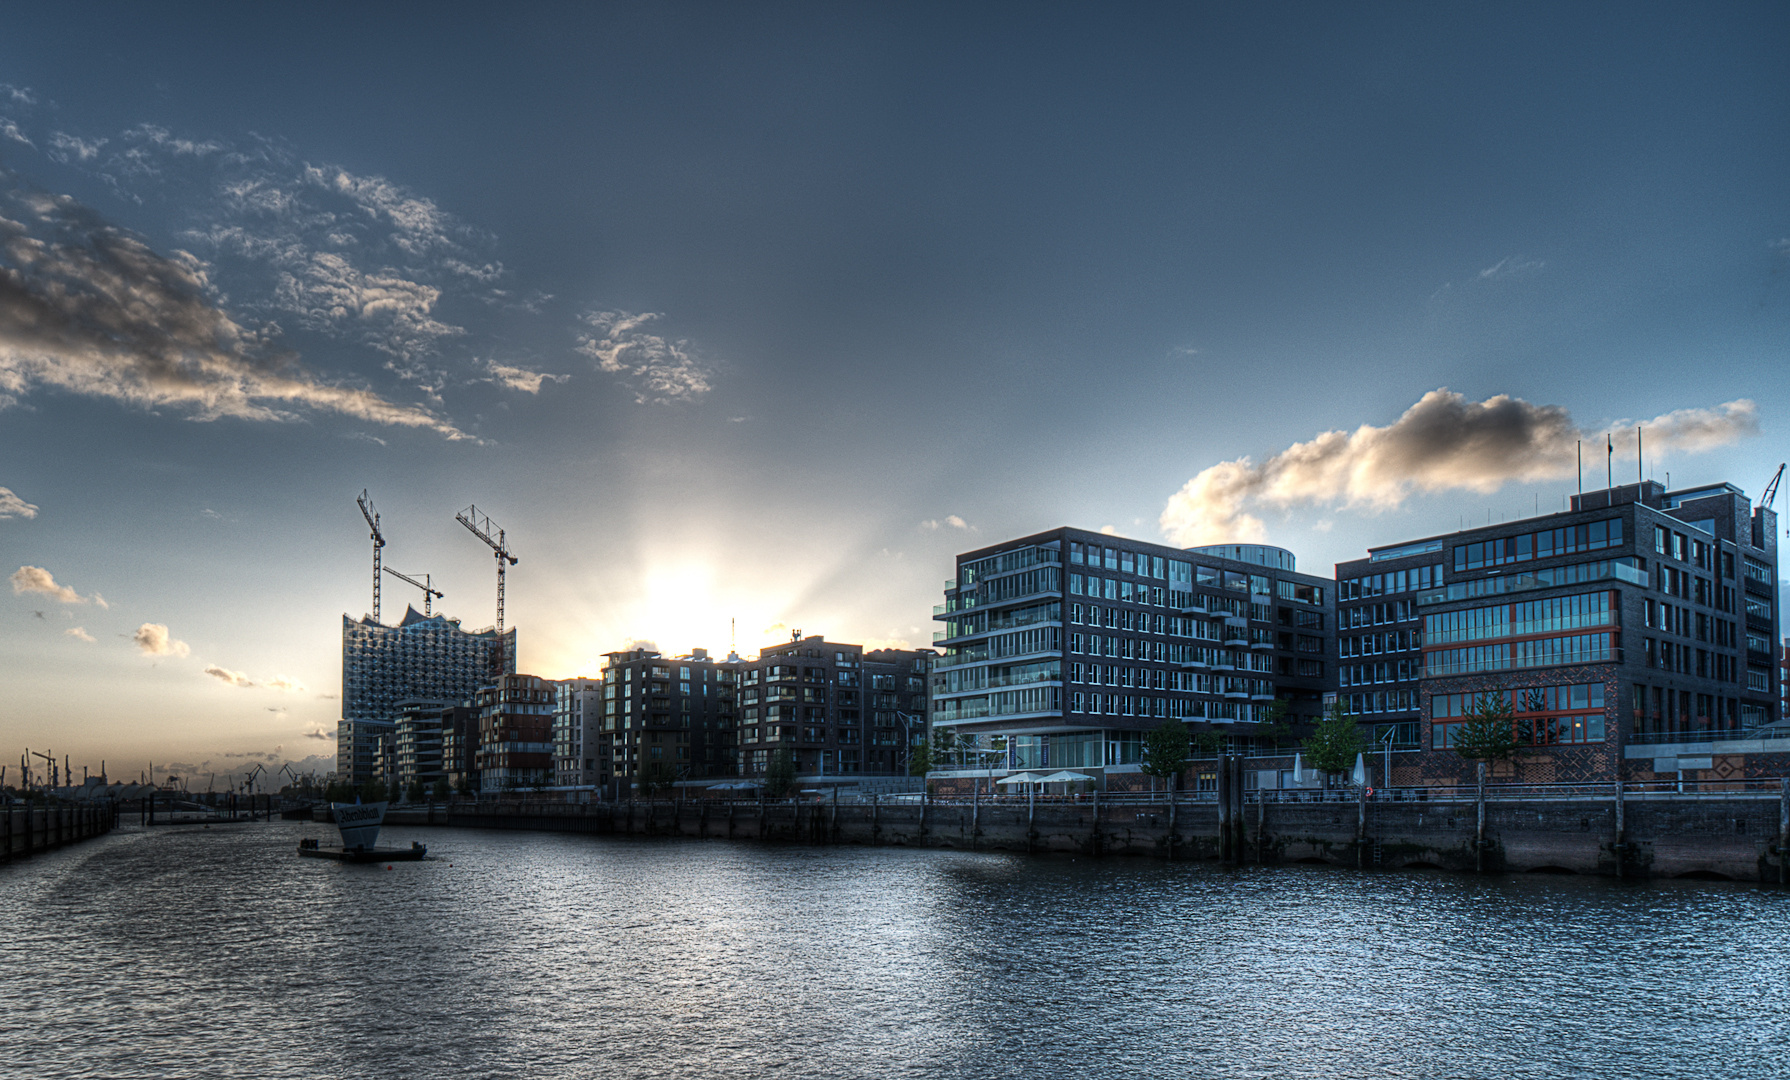 Sonnenuntergang über der Hafencity